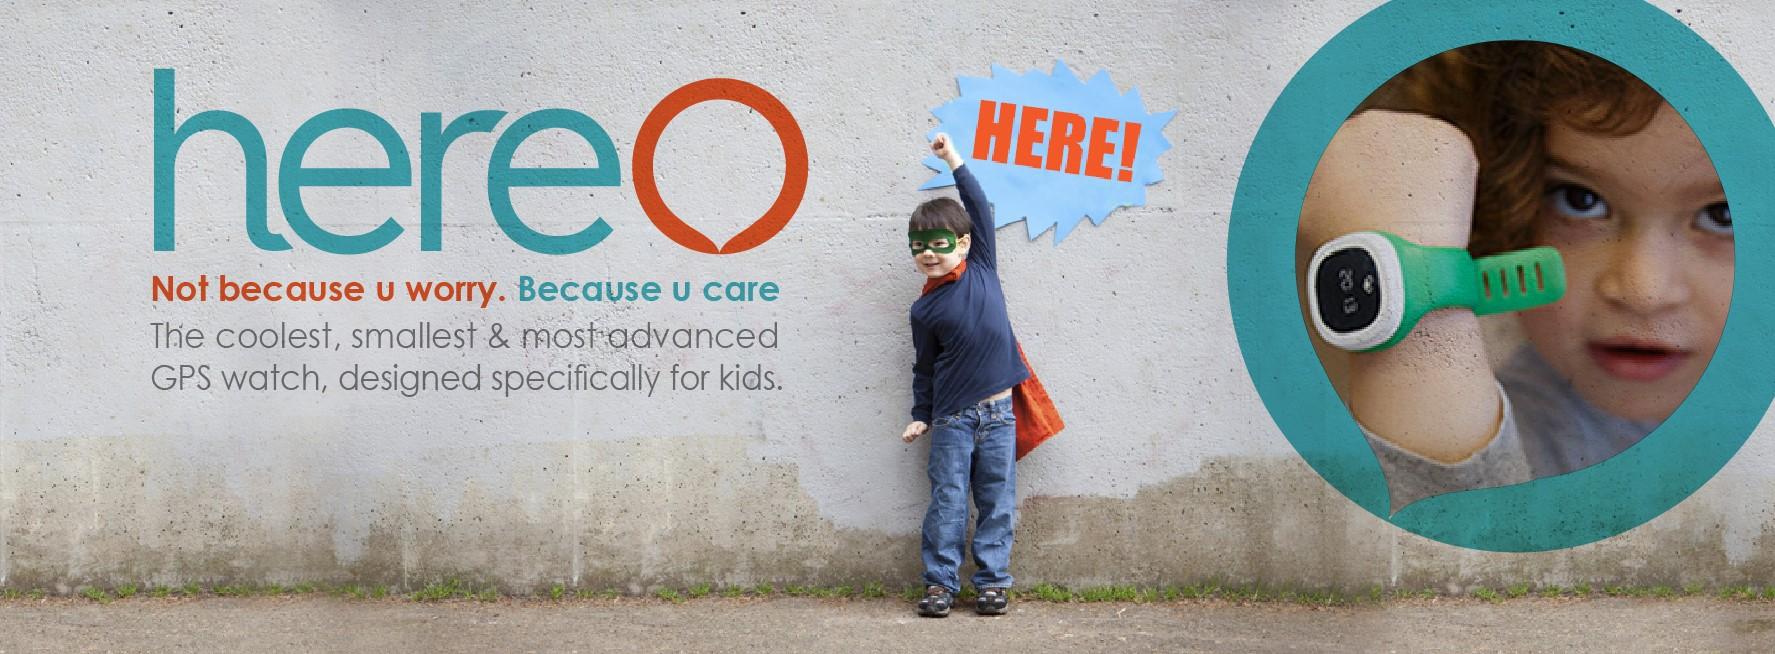 Haz felices a los padres españoles con una propuesta como Hereo, un GPS para niños